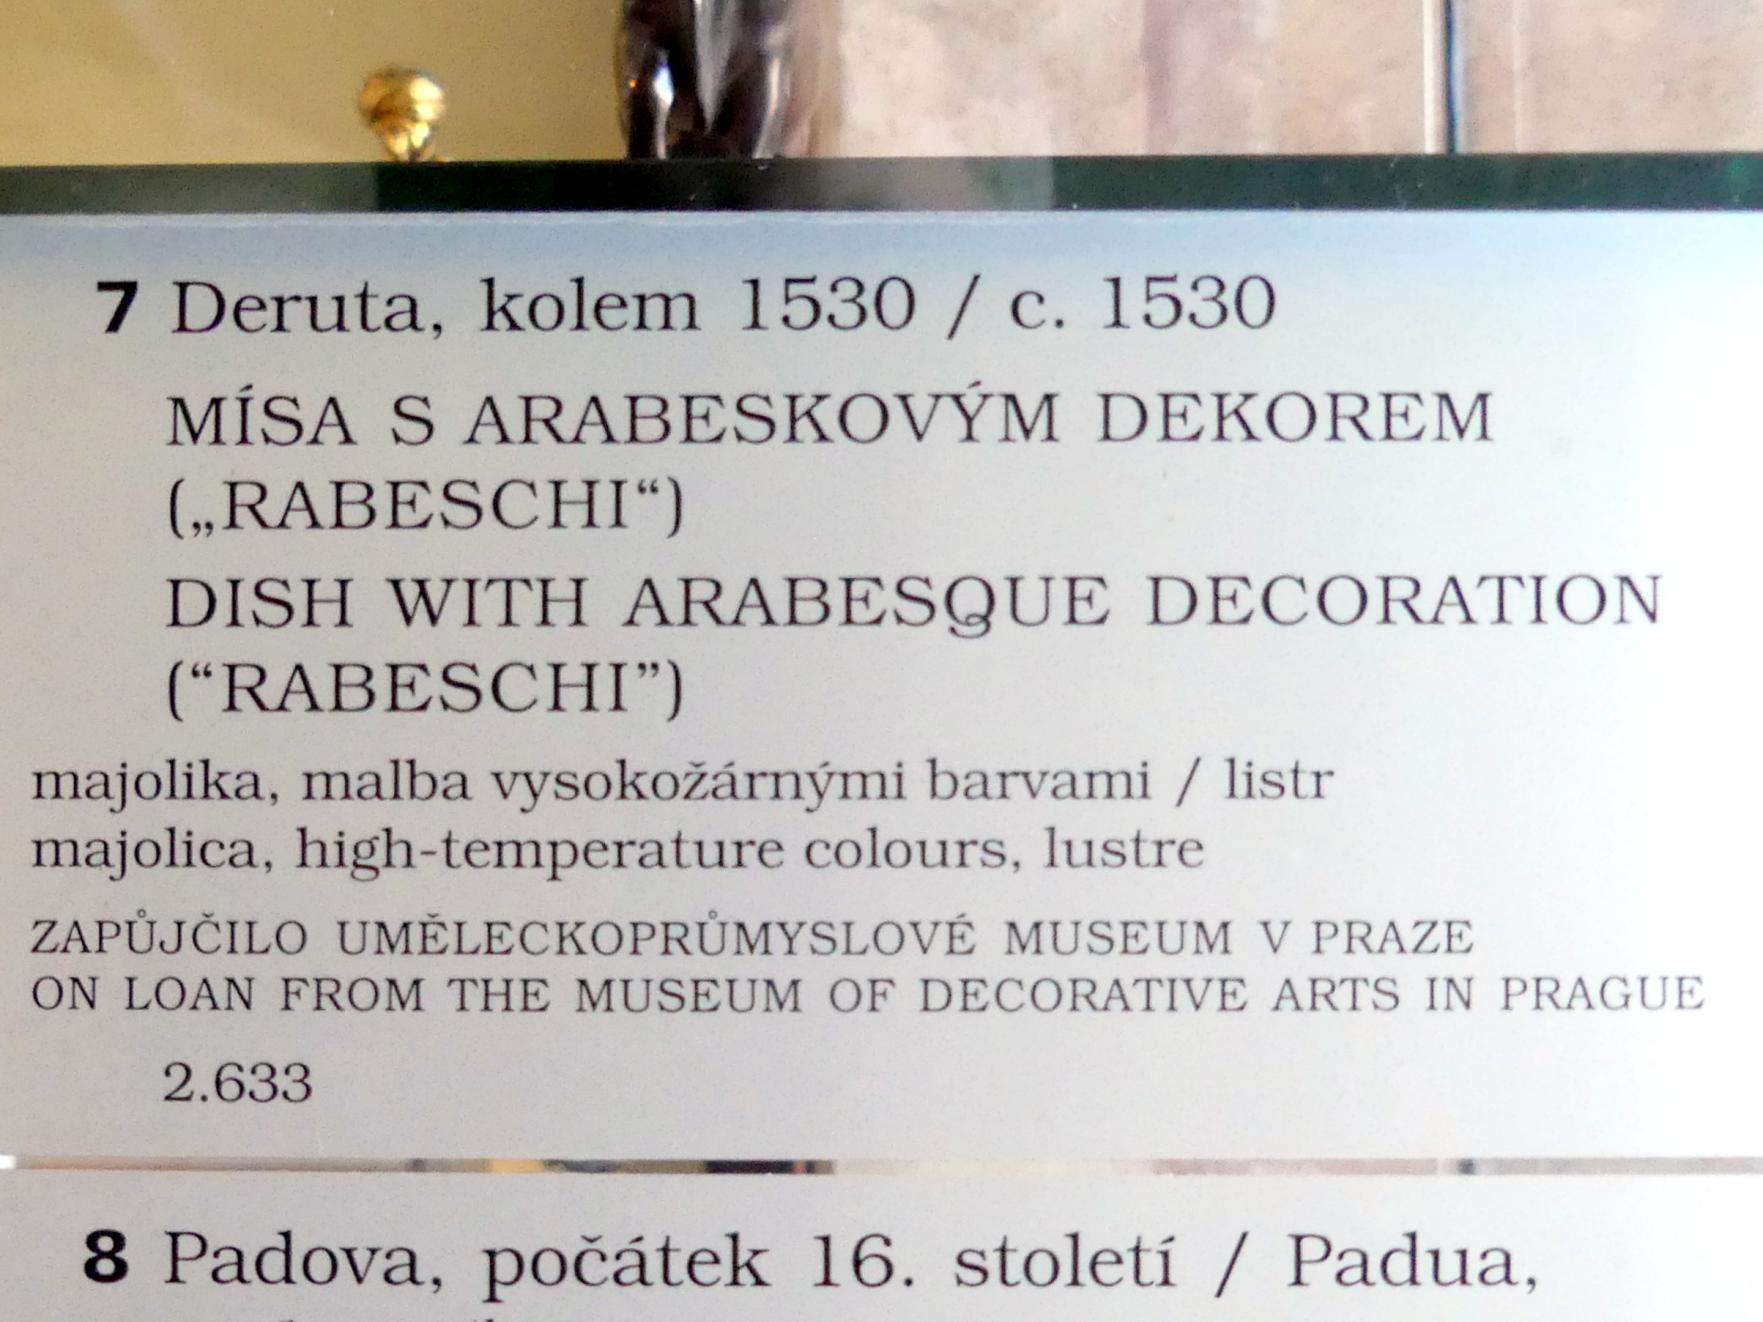 Schale mit Arabeske-Dekor (Rabeschi), um 1530, Bild 2/2